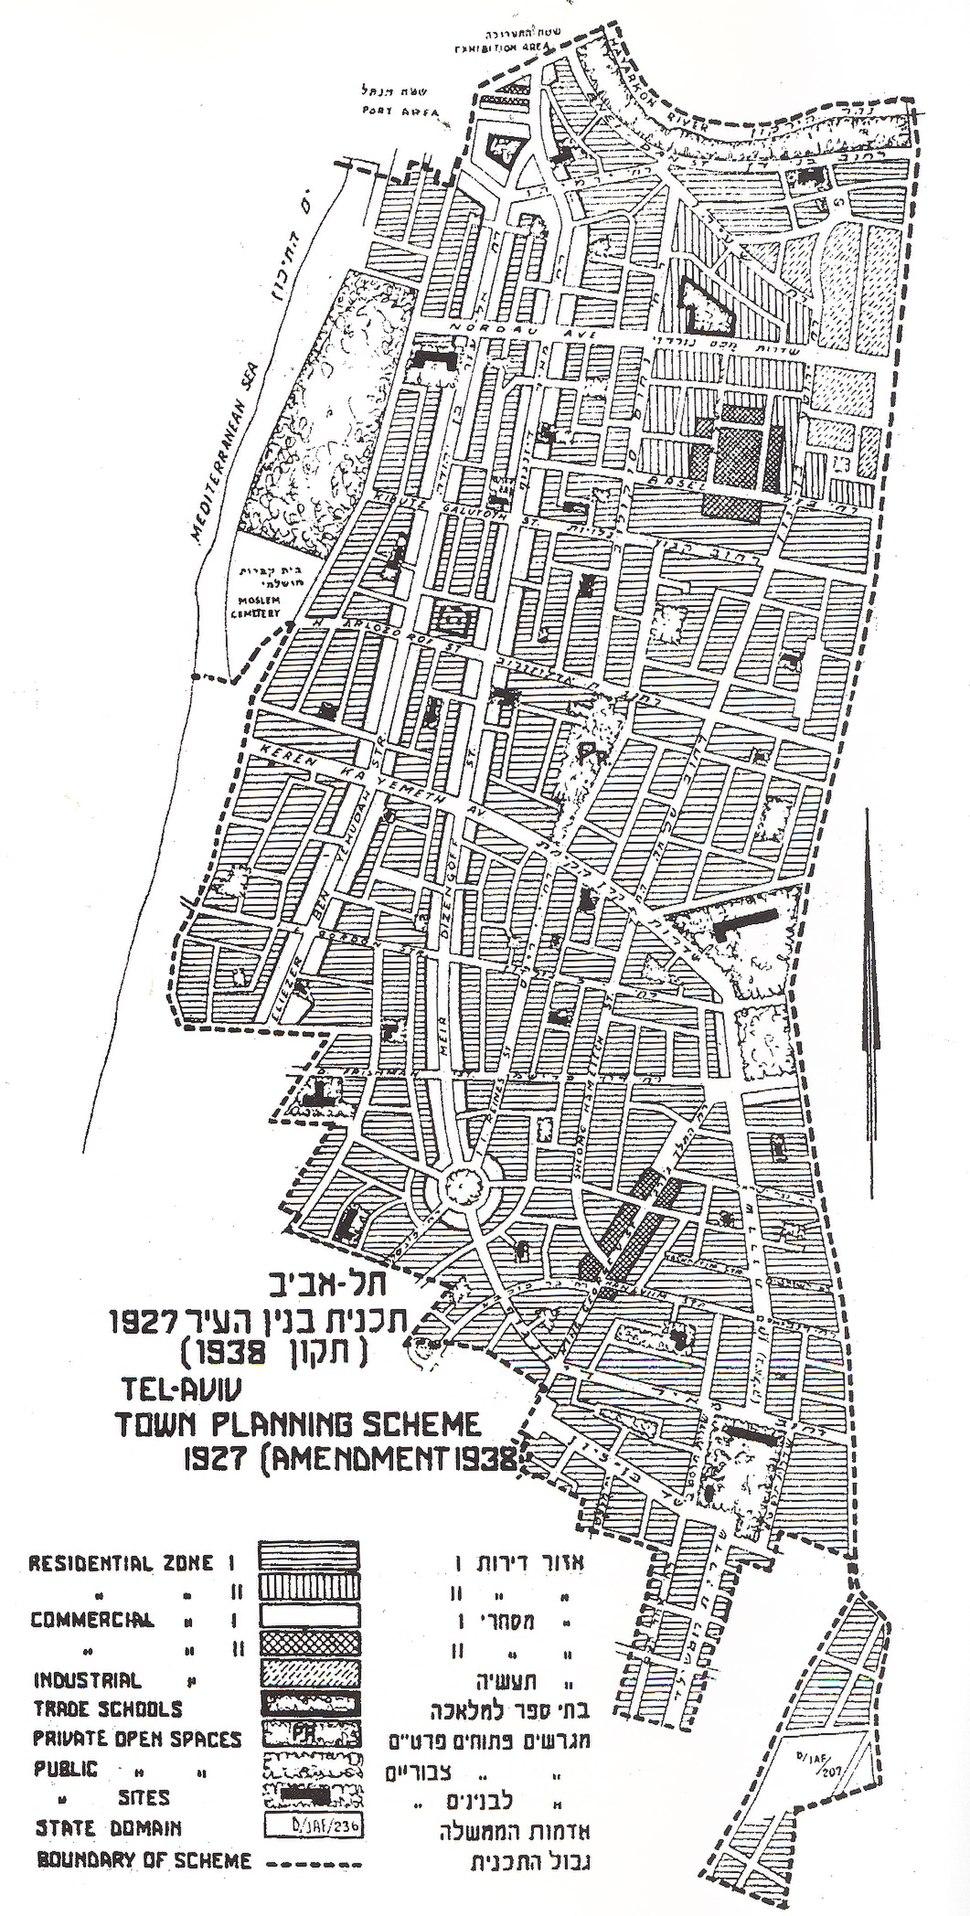 Geddesamendment1938